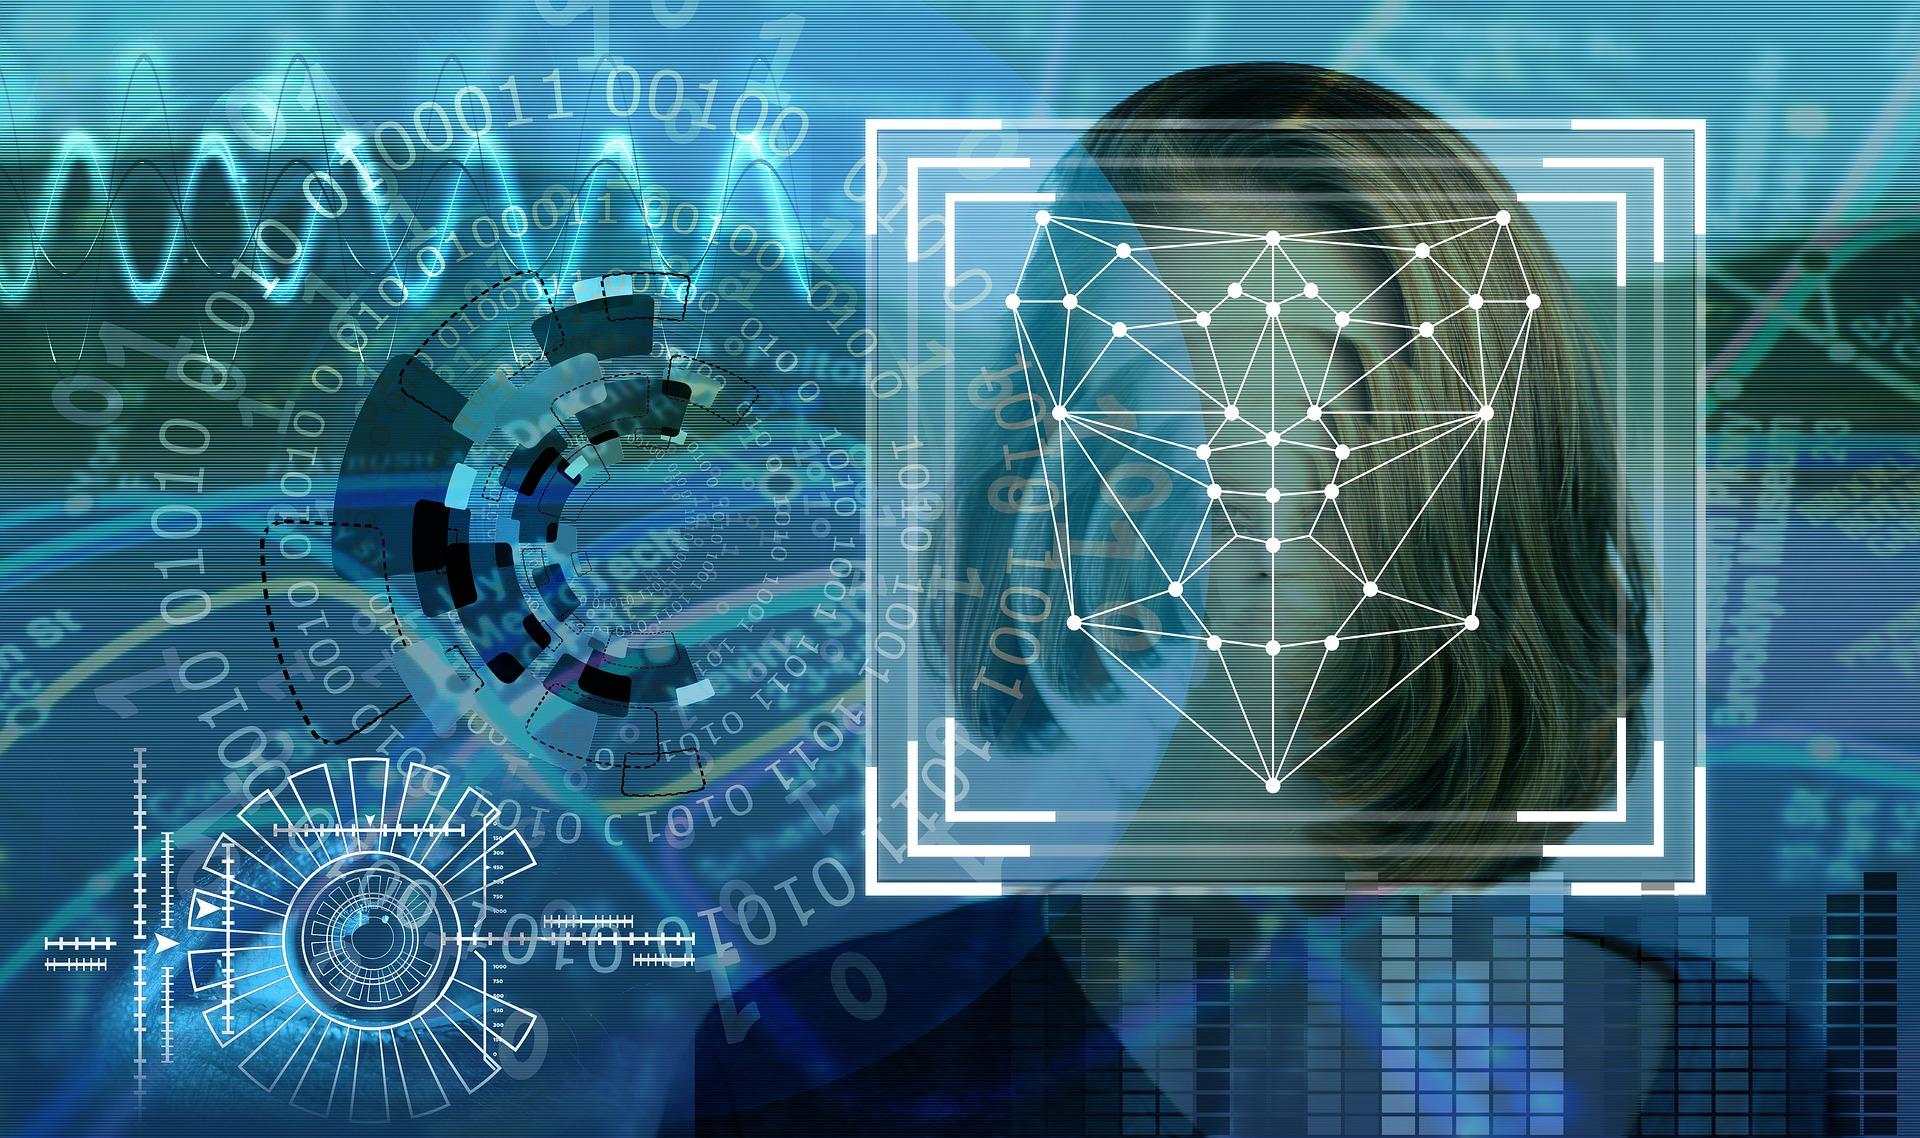 Trattamento dei dati biometrici ai fini del rilevamento della presenza di un lavoratore: il provvedimento (chiarificatore) n. 16/2021 a firma del Garante Privacy